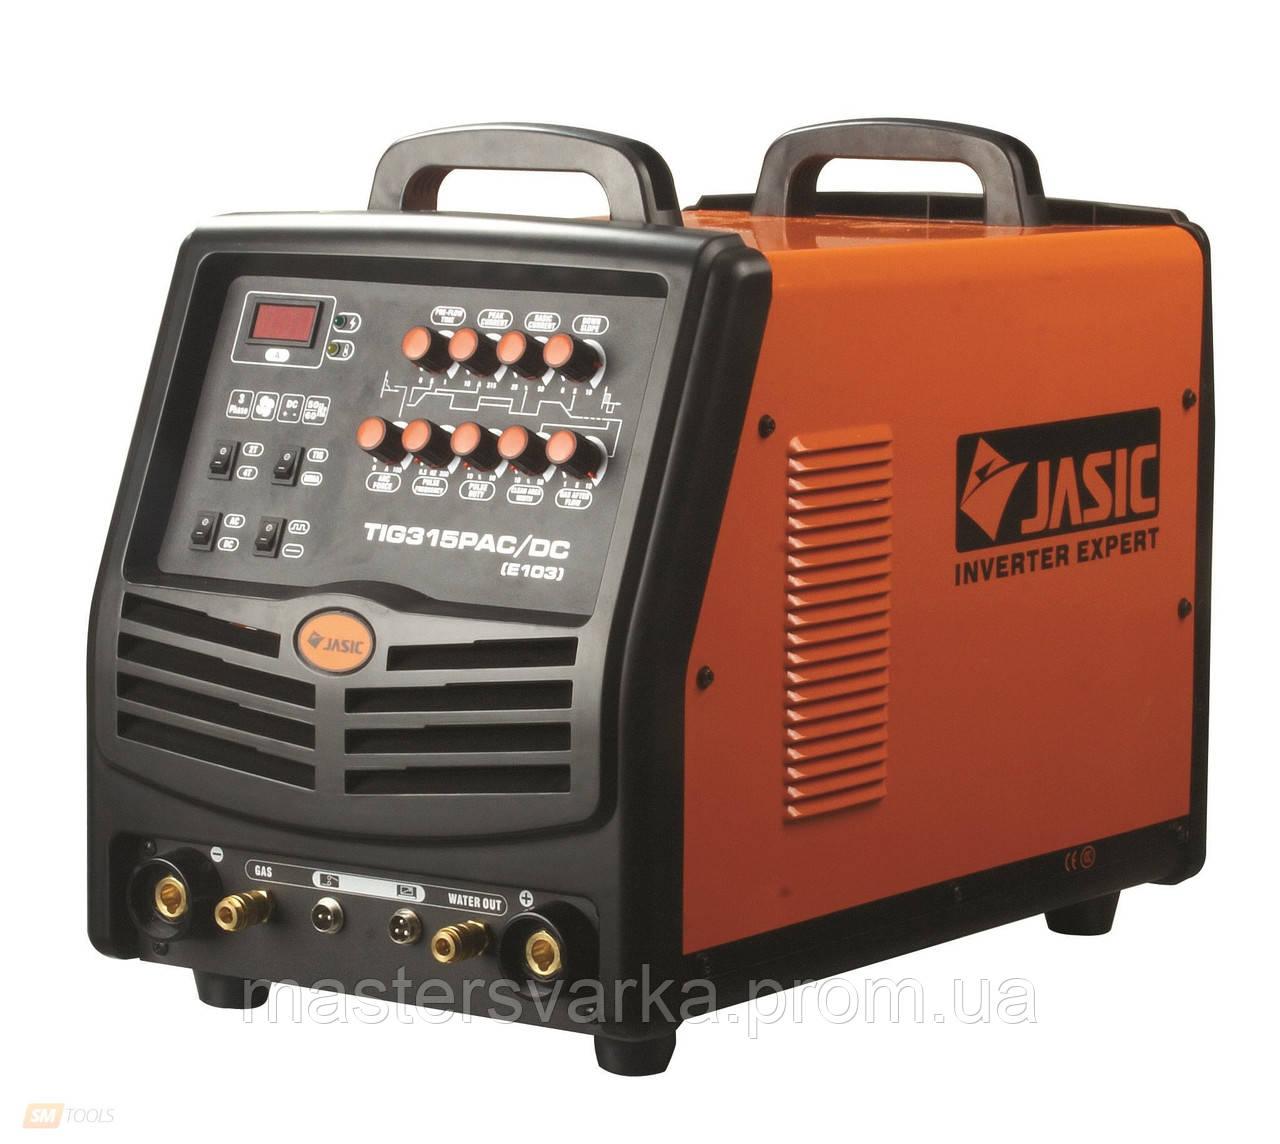 Аргонодуговой сварочный аппарат Jasic TIG-315P AC/DC (E103) 380V